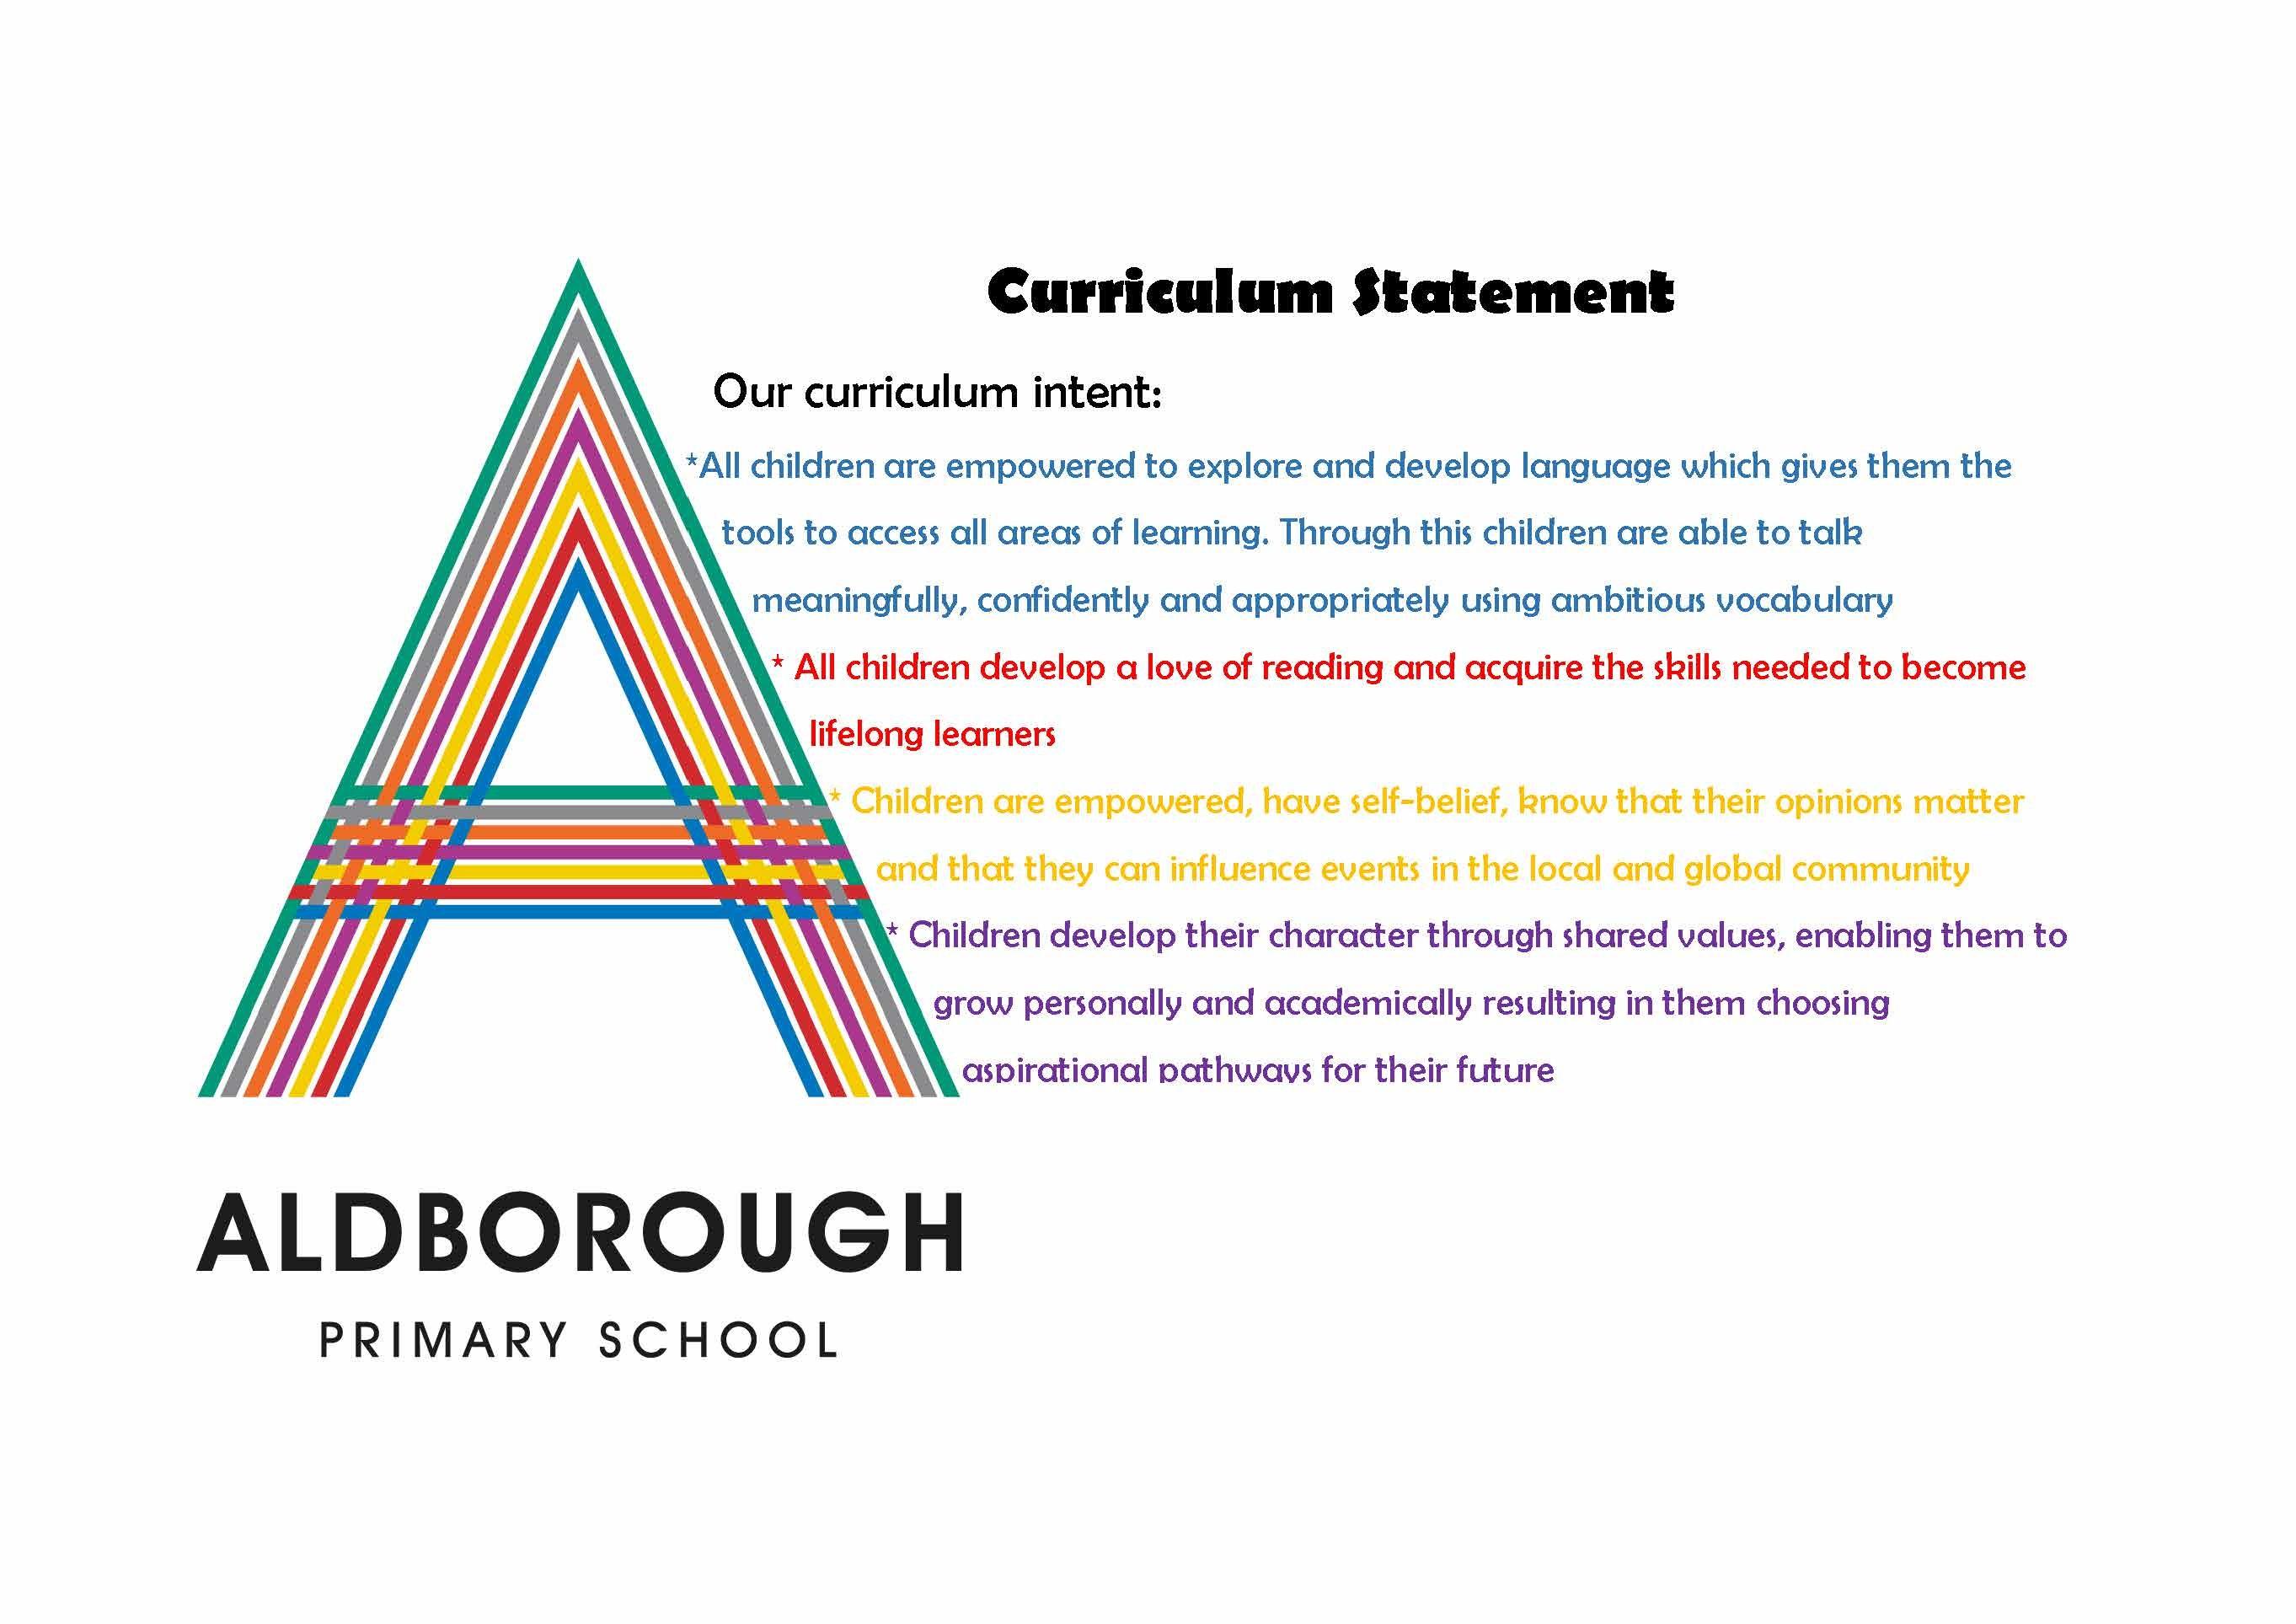 Curriculum Intent Statement